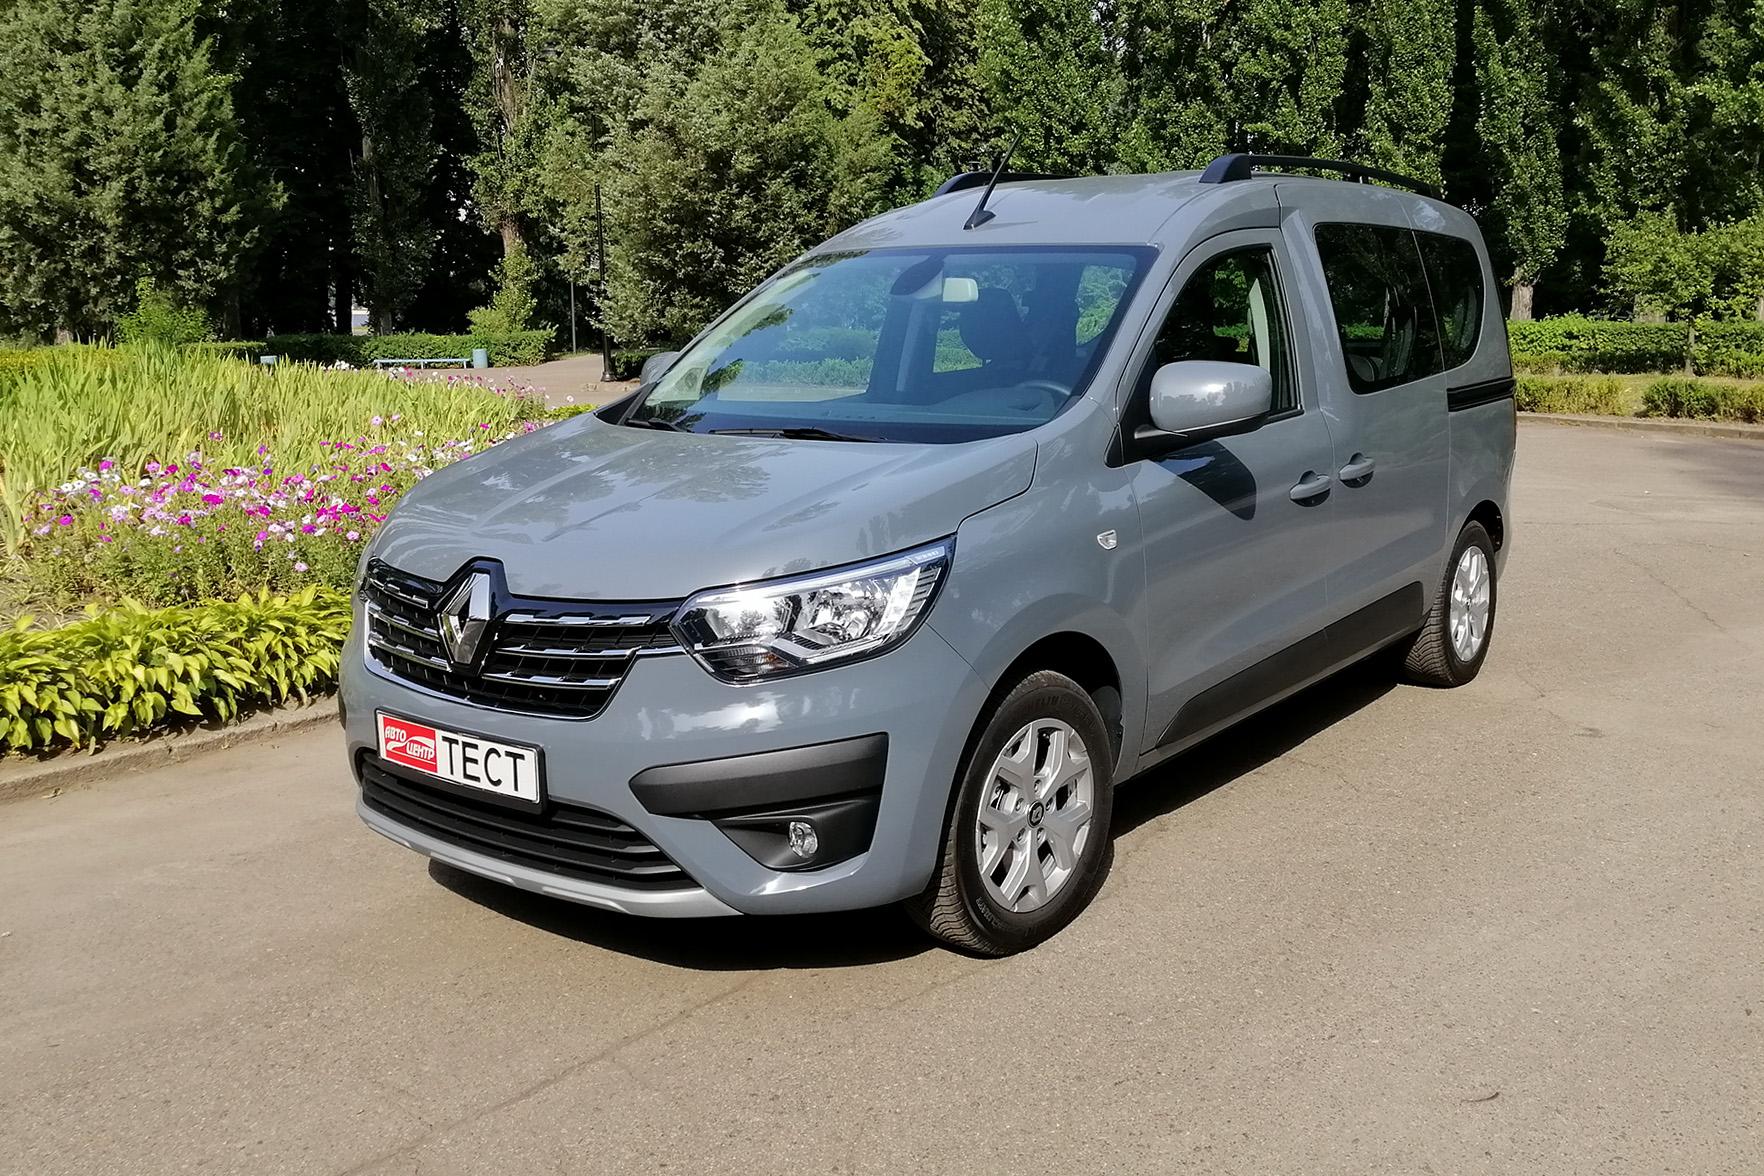 Тест-драйв Renault Express: известный фургон меняет имя и серьезно обновляется (видео)